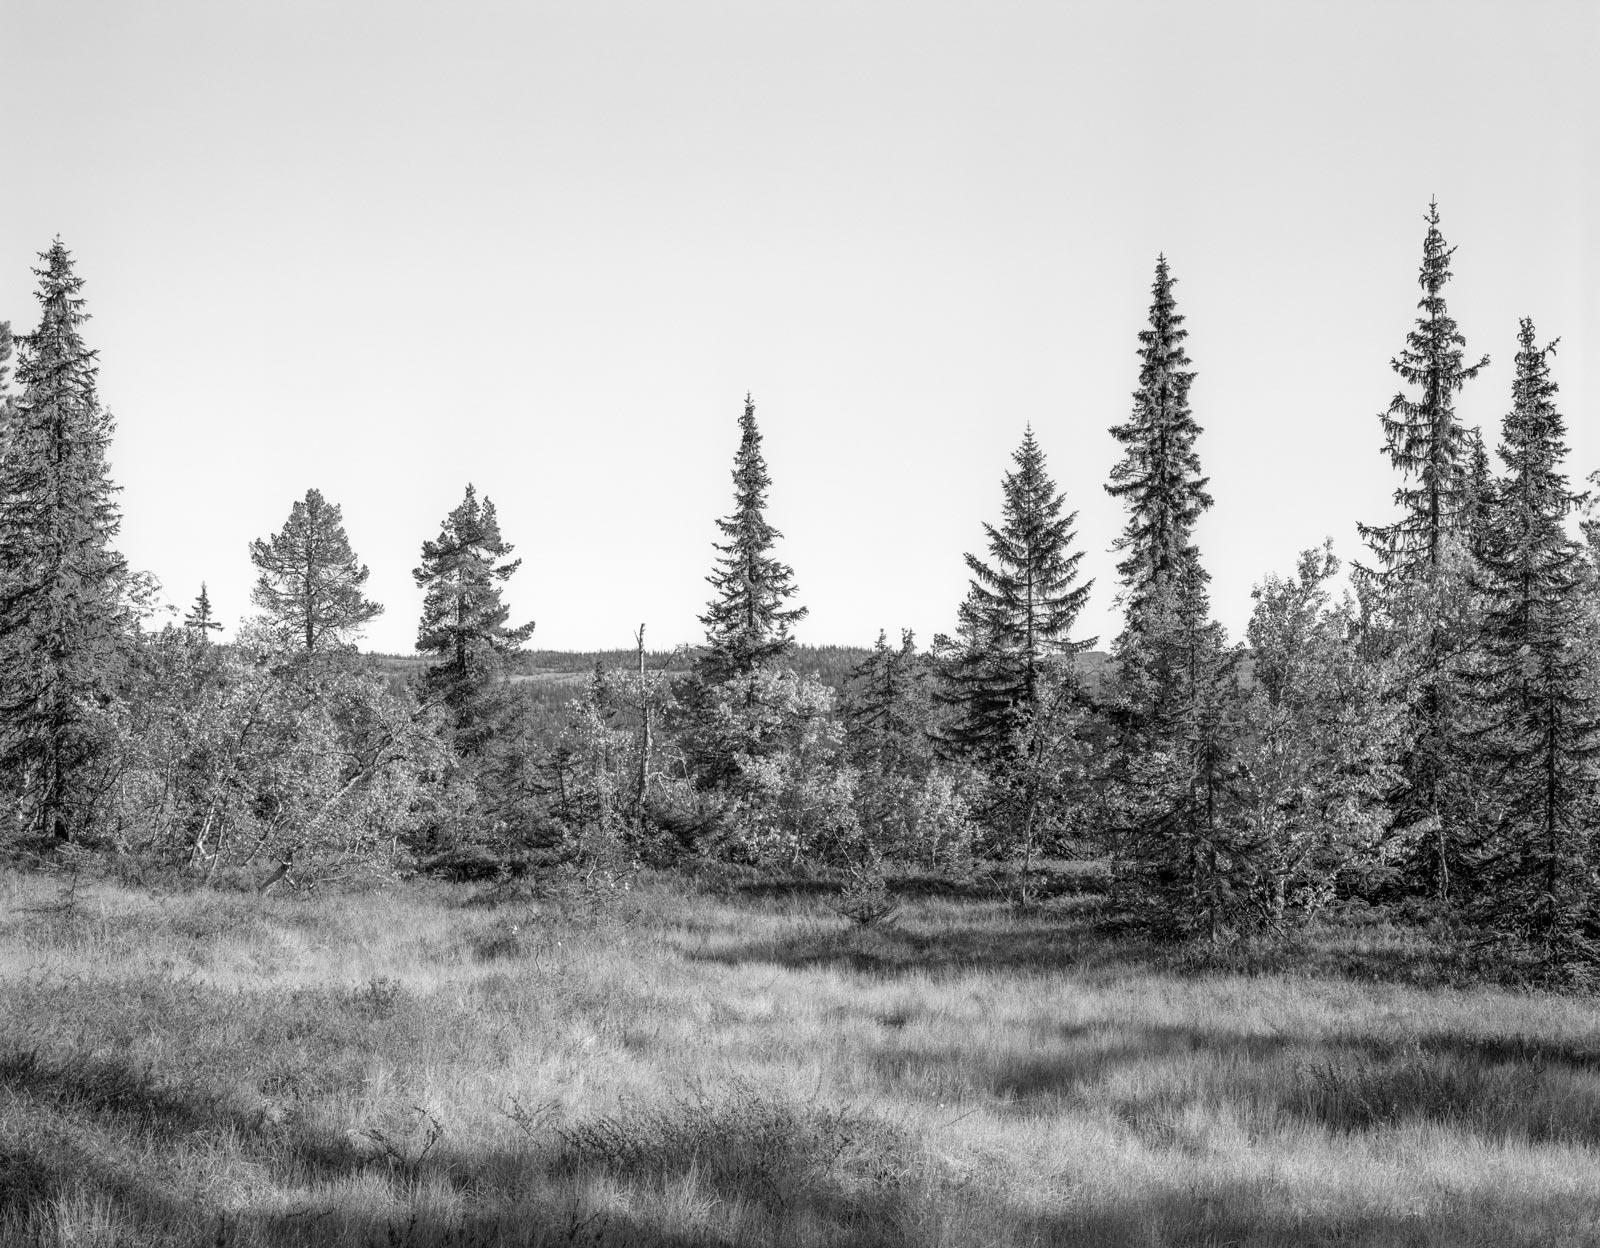 Landskap nr. 21, Eggedal, 1990/1991. Vintage silver gelatin print, 39 x 49 cm (image) / 50 x 60 cm (paper). Unique